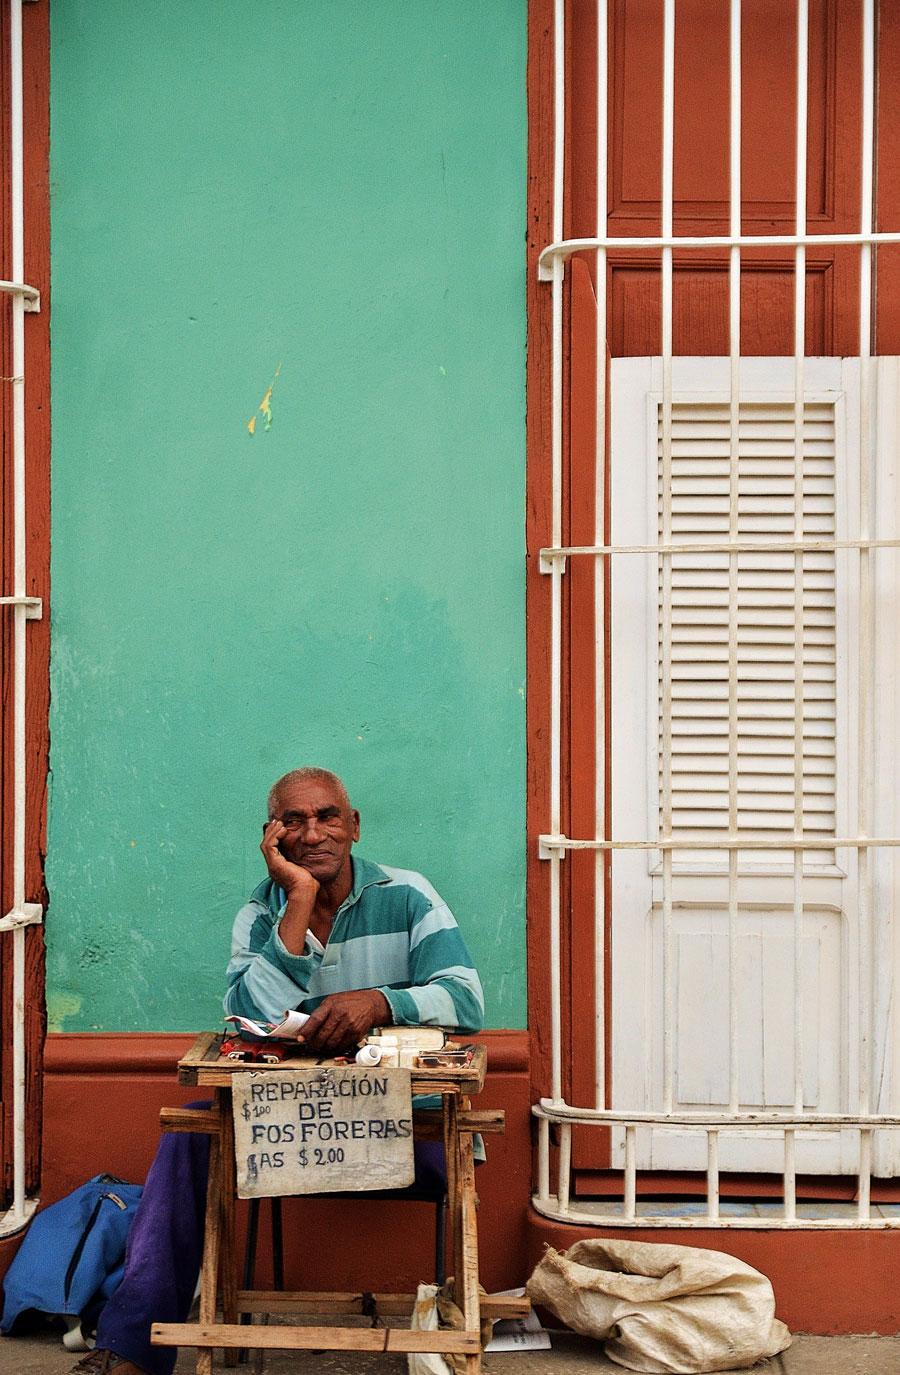 Cuba by Kathy Mak